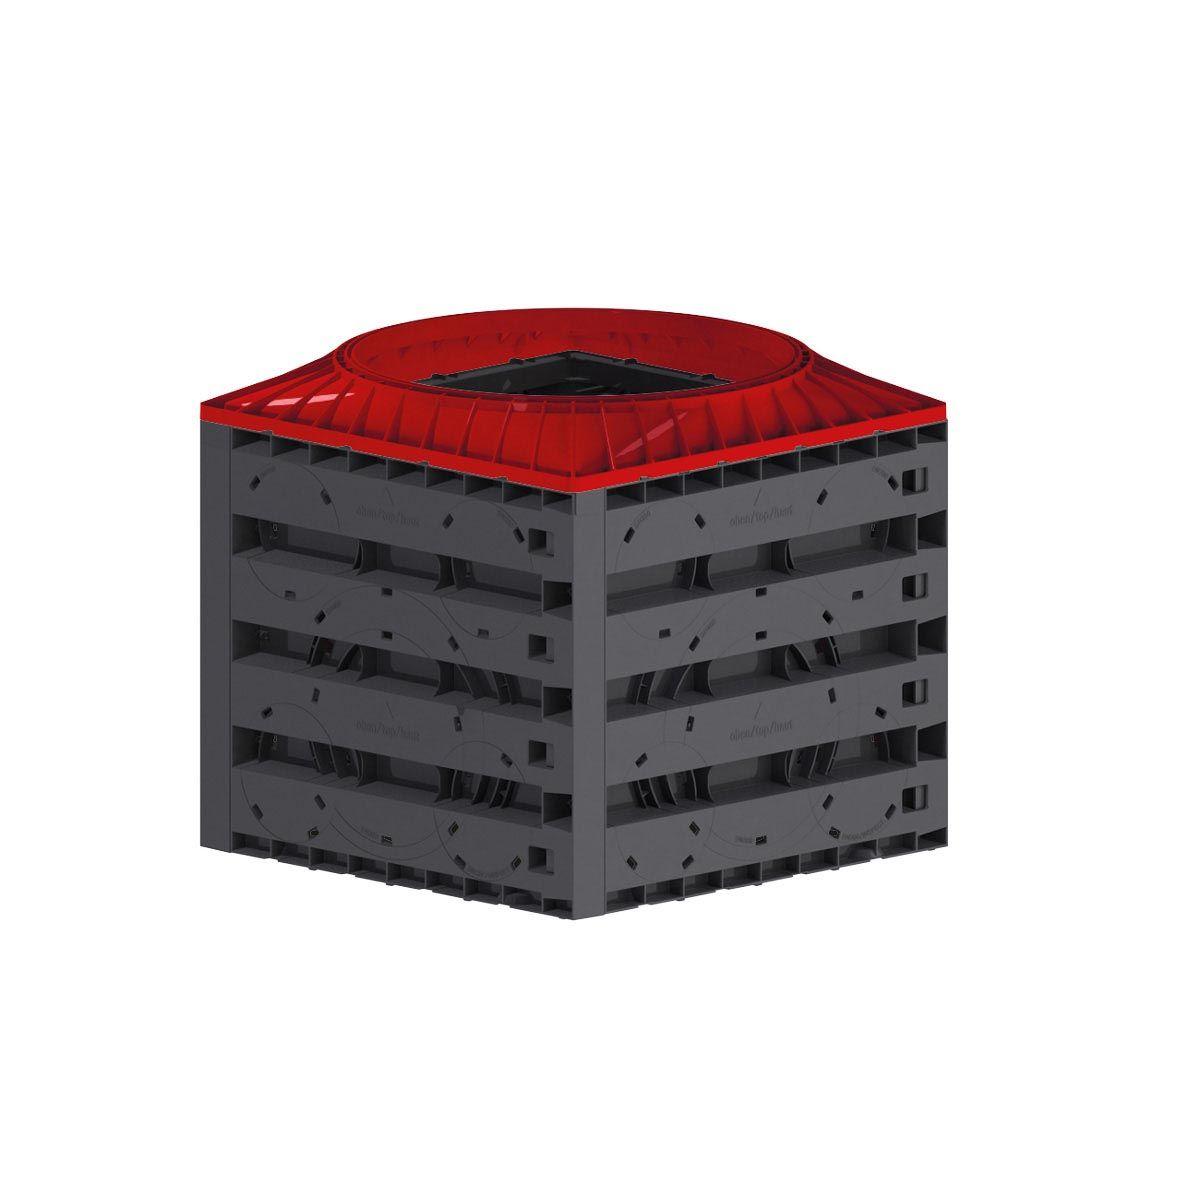 Système de puits Vario 800, en PE, noir, 800 x 800 x 760 mm, 1.0